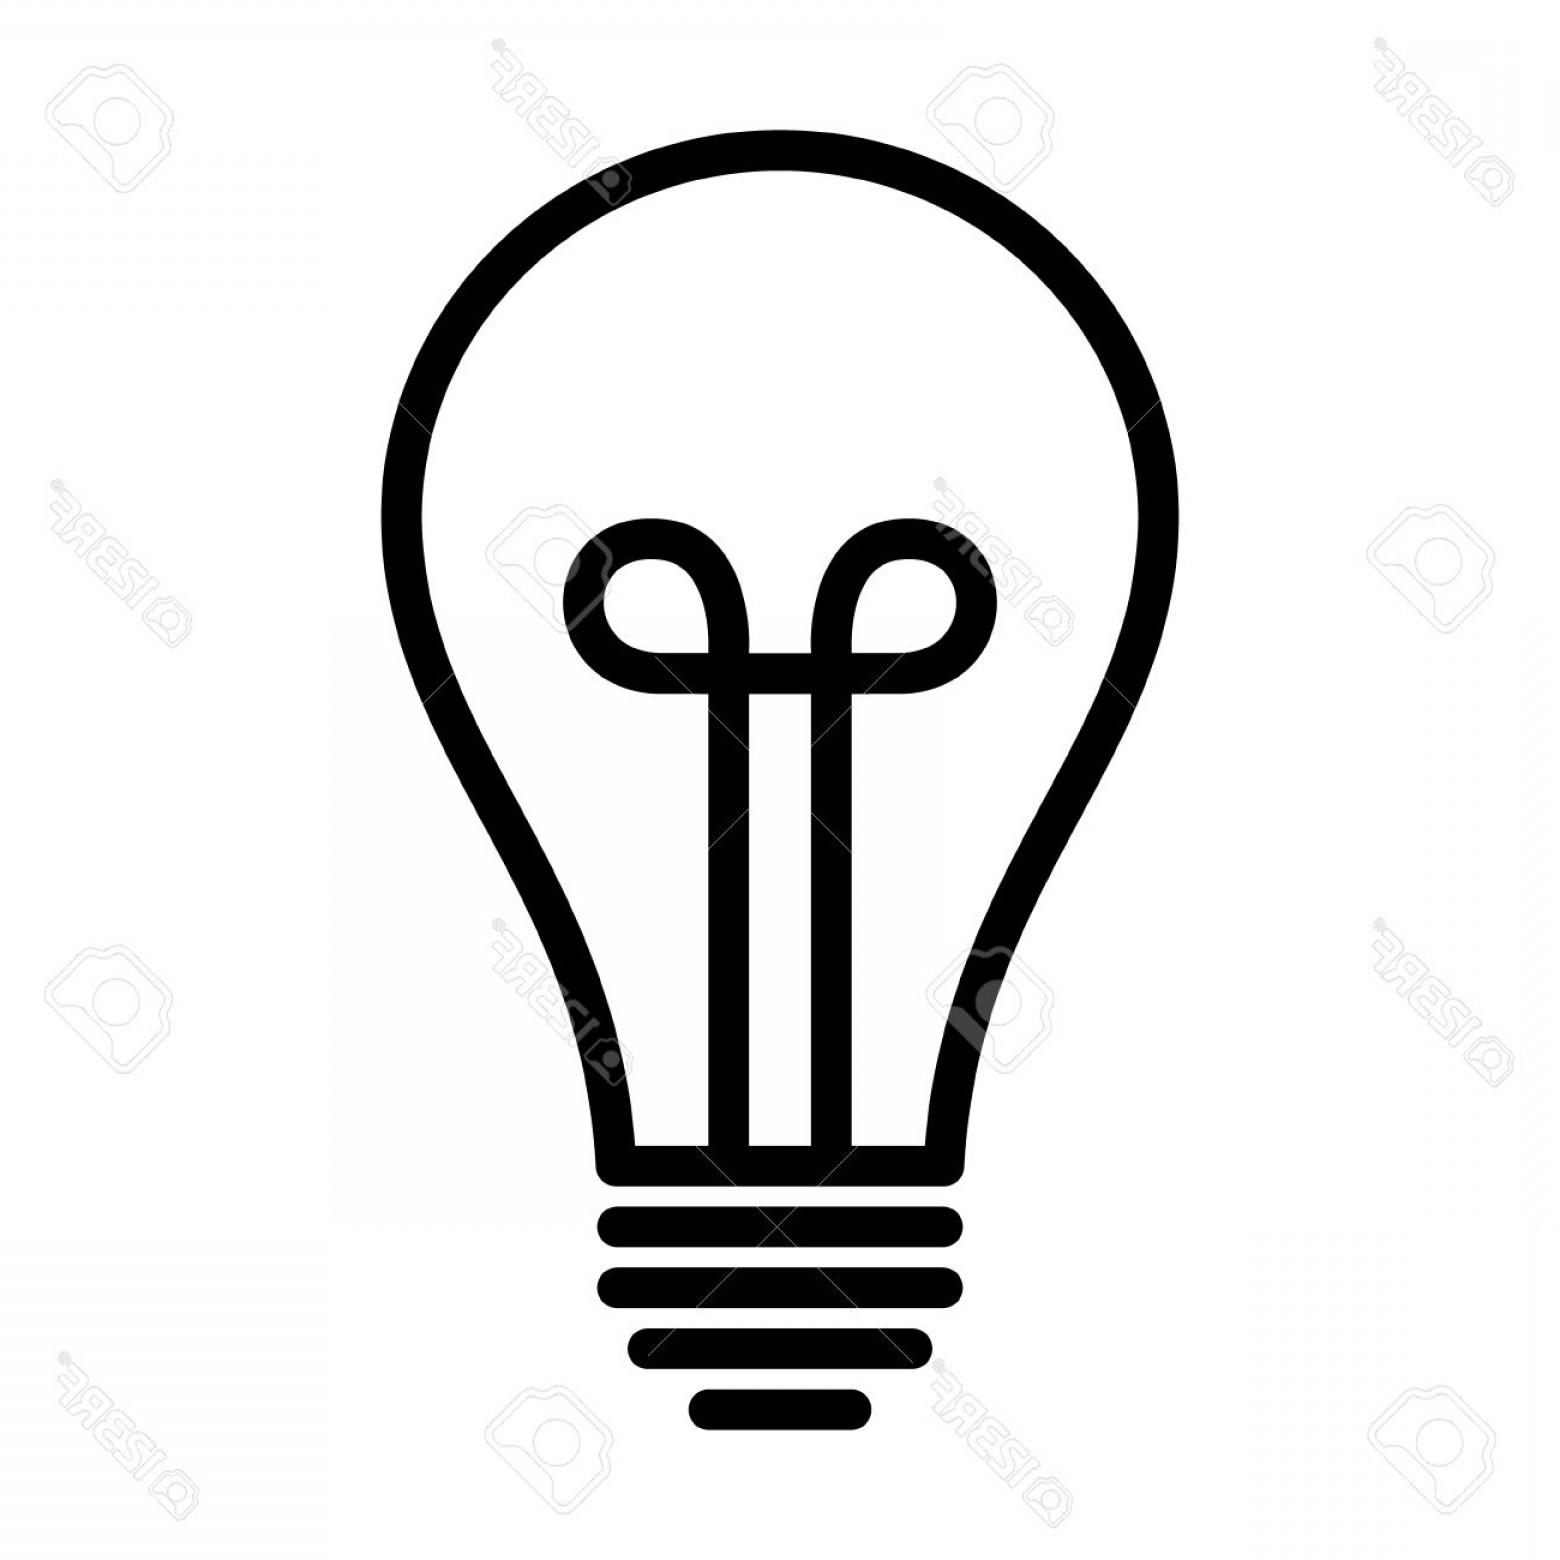 1560x1560 Photostock Vector Vintage Light Bulb Lightbulb Turned Off Or Idea